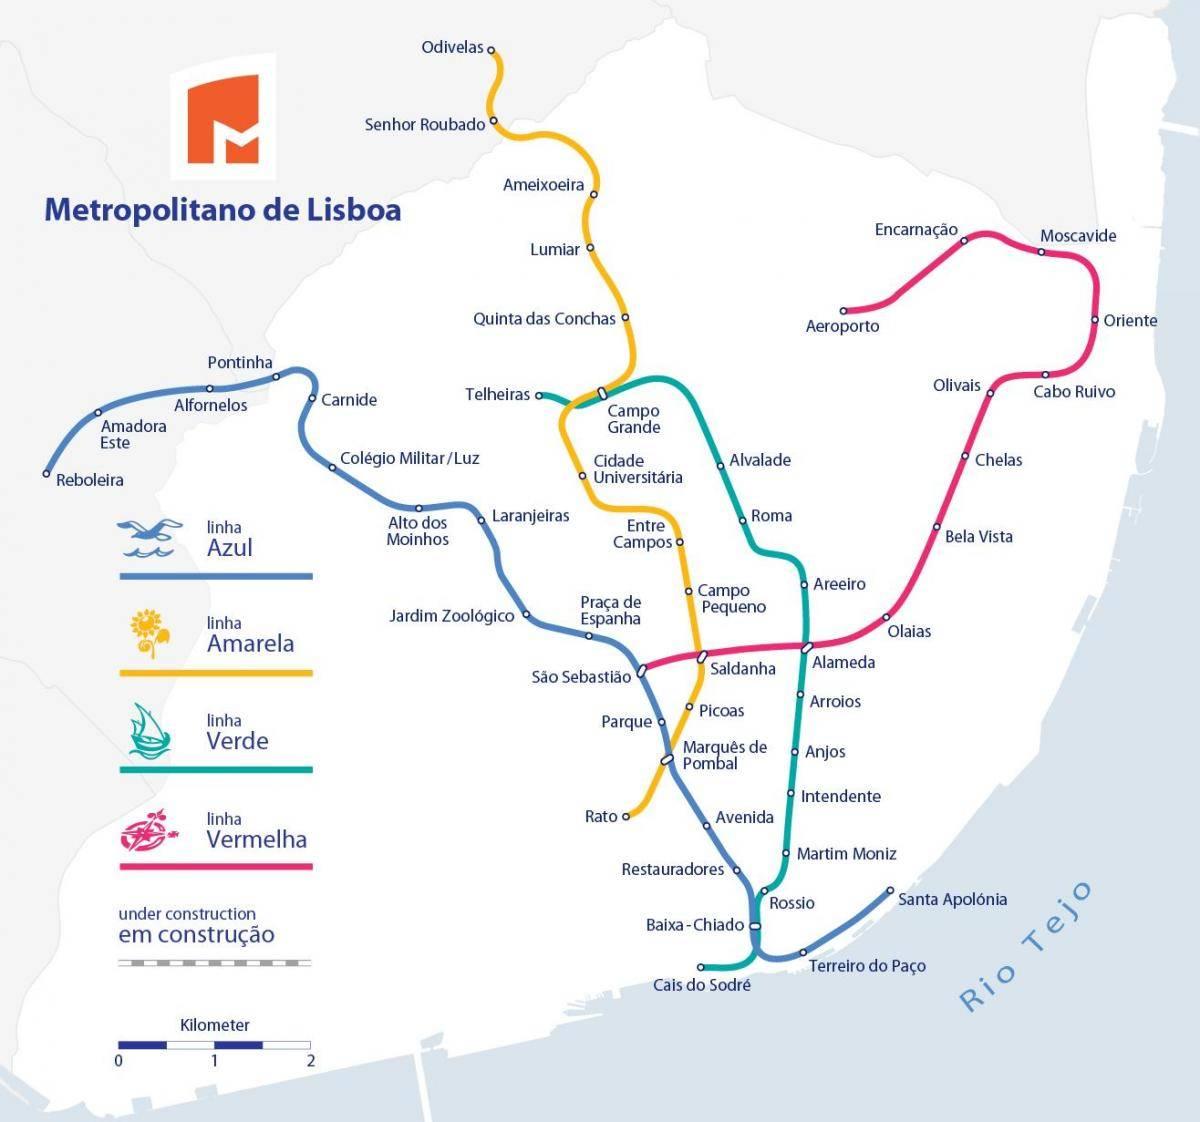 Что интересного по автомаршруту малага-лиссабон? - советы, вопросы и ответы путешественникам на трипстере